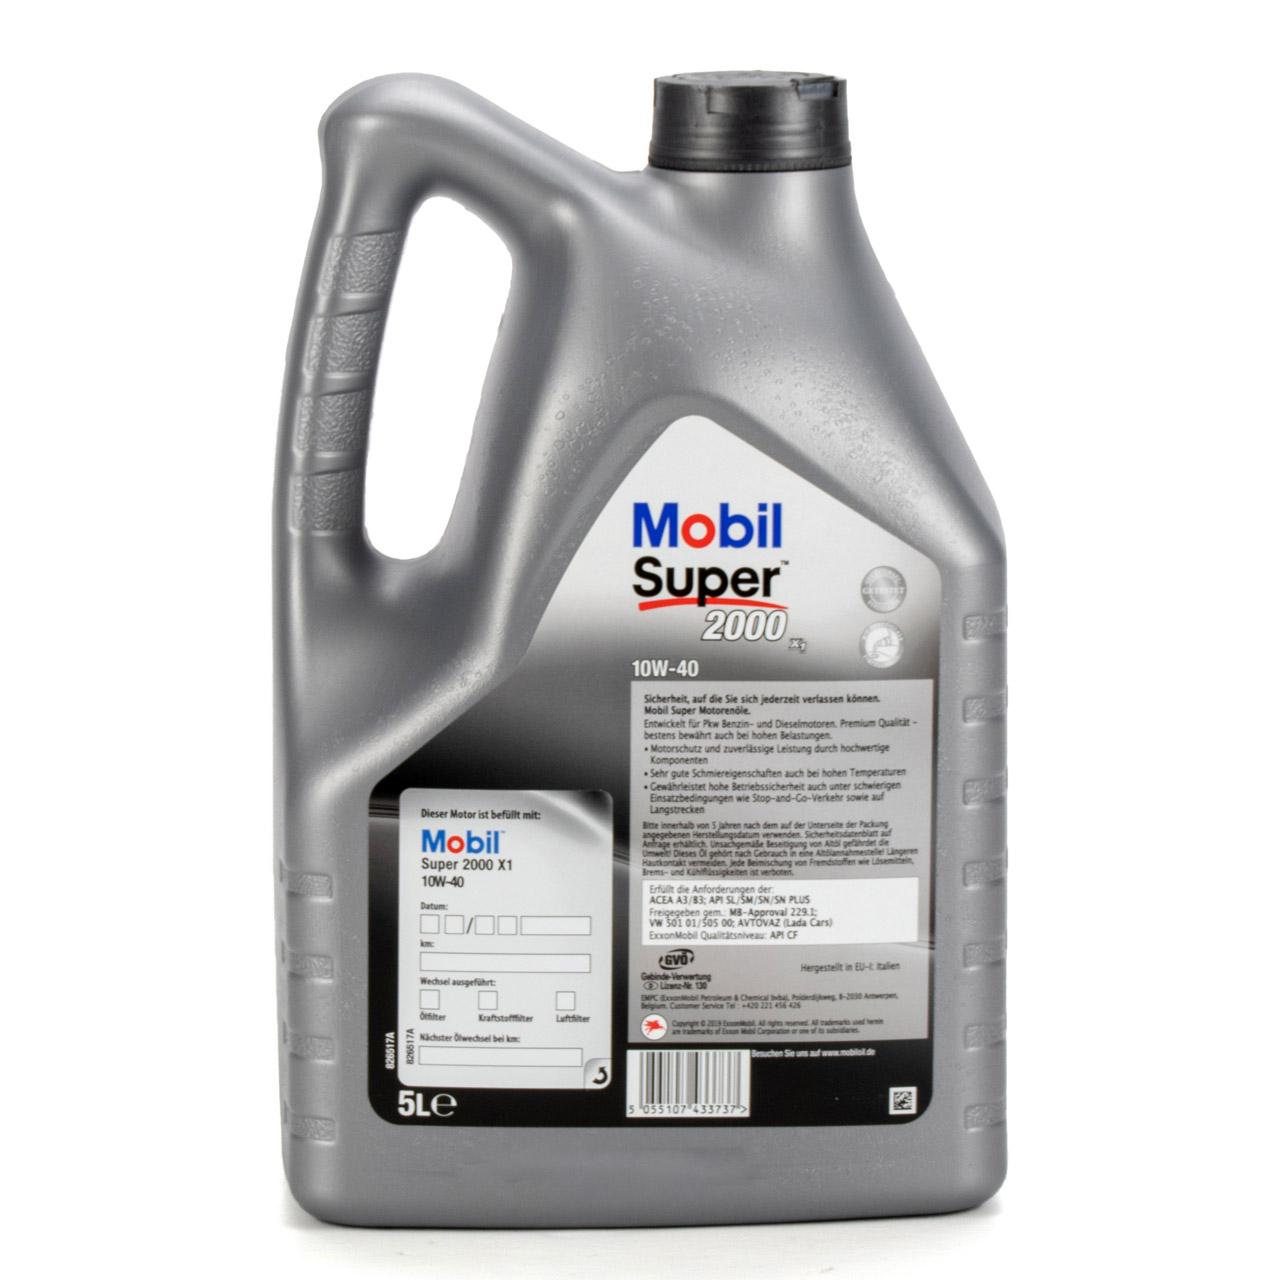 Mobil SUPER 2000 X1 10W40 Super Premium Motoröl Öl VW 501.01/505.00 - 5L 5 Liter